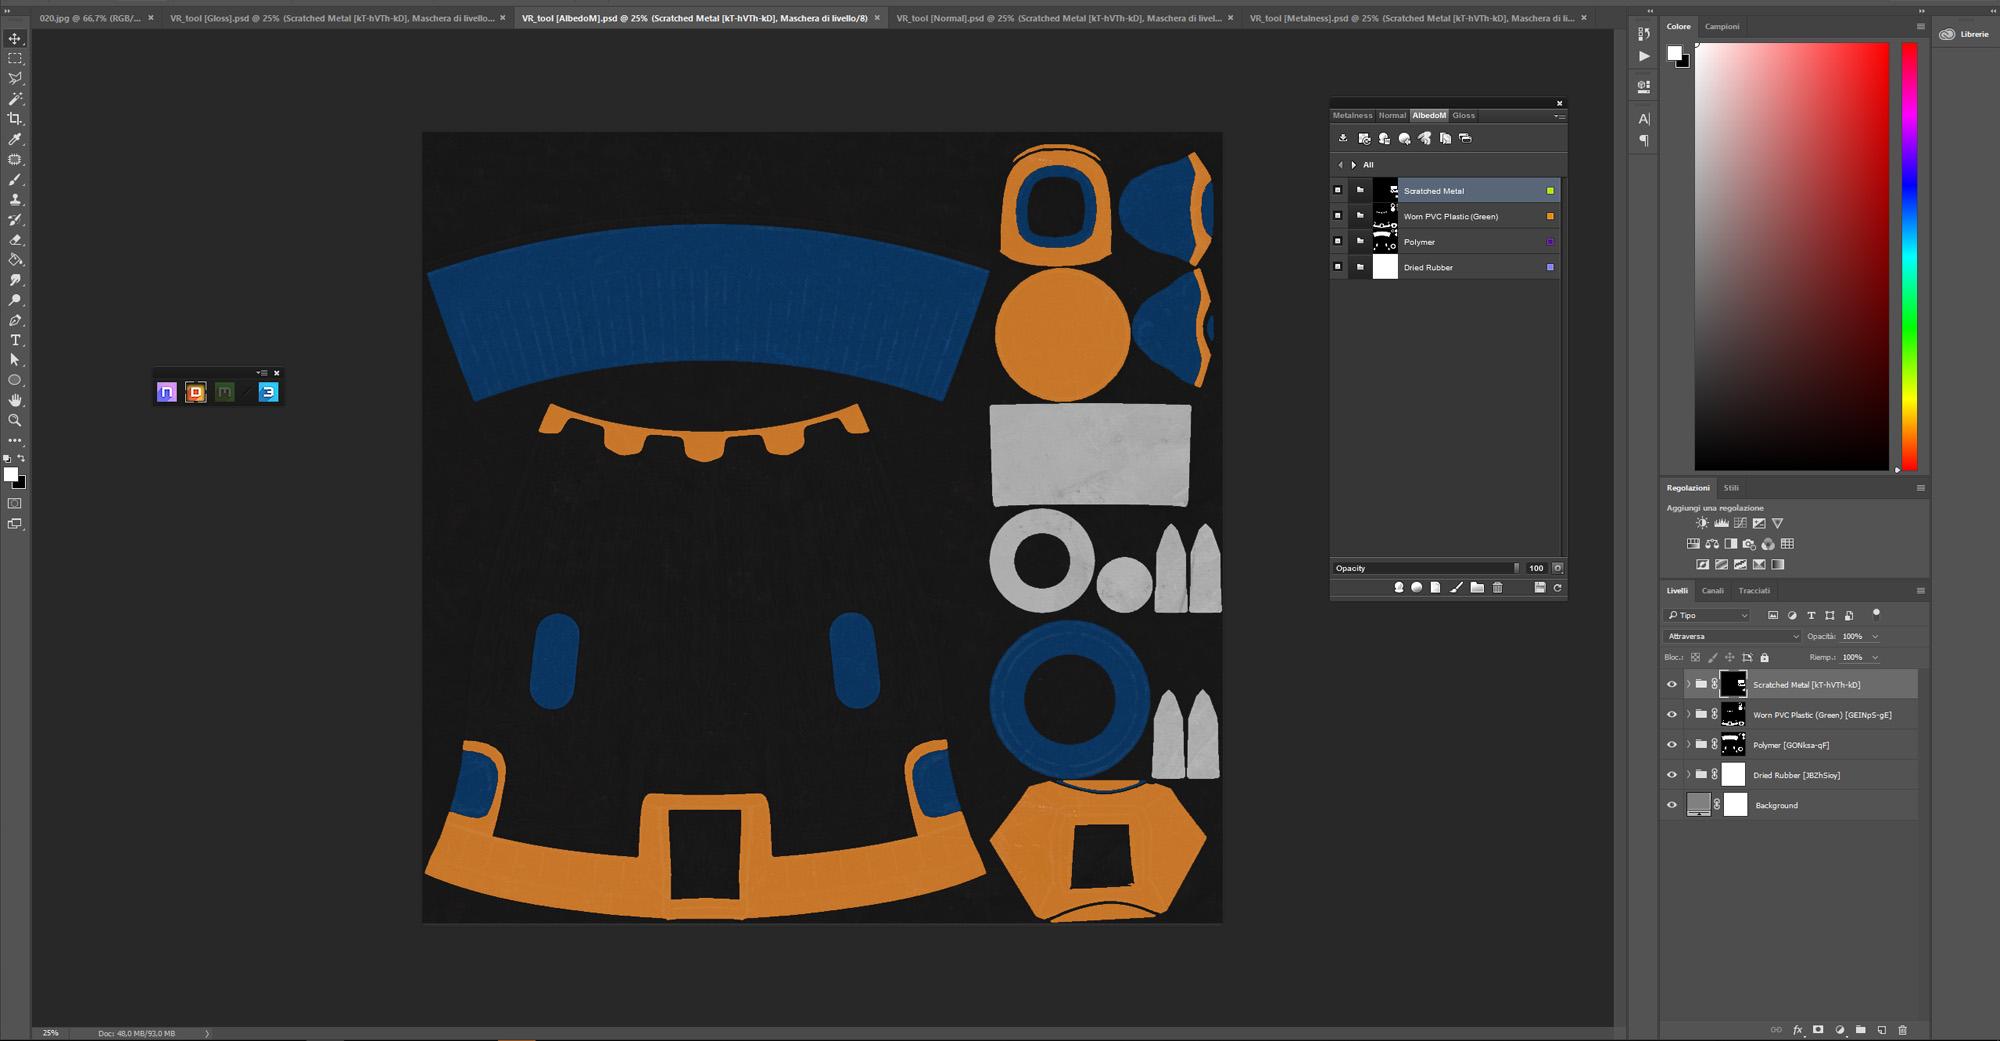 3d custom tool quixel 01 controller VR